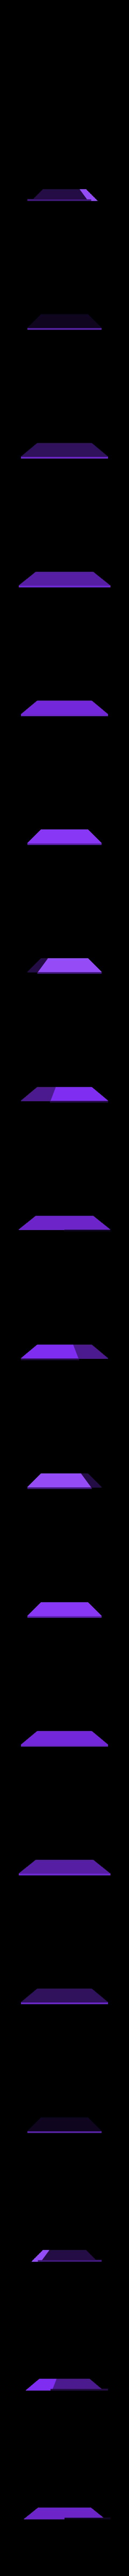 Trapezoid Gem.stl Download STL file Steven Universe Cosplay Gem Set • 3D printable object, httpkoopa